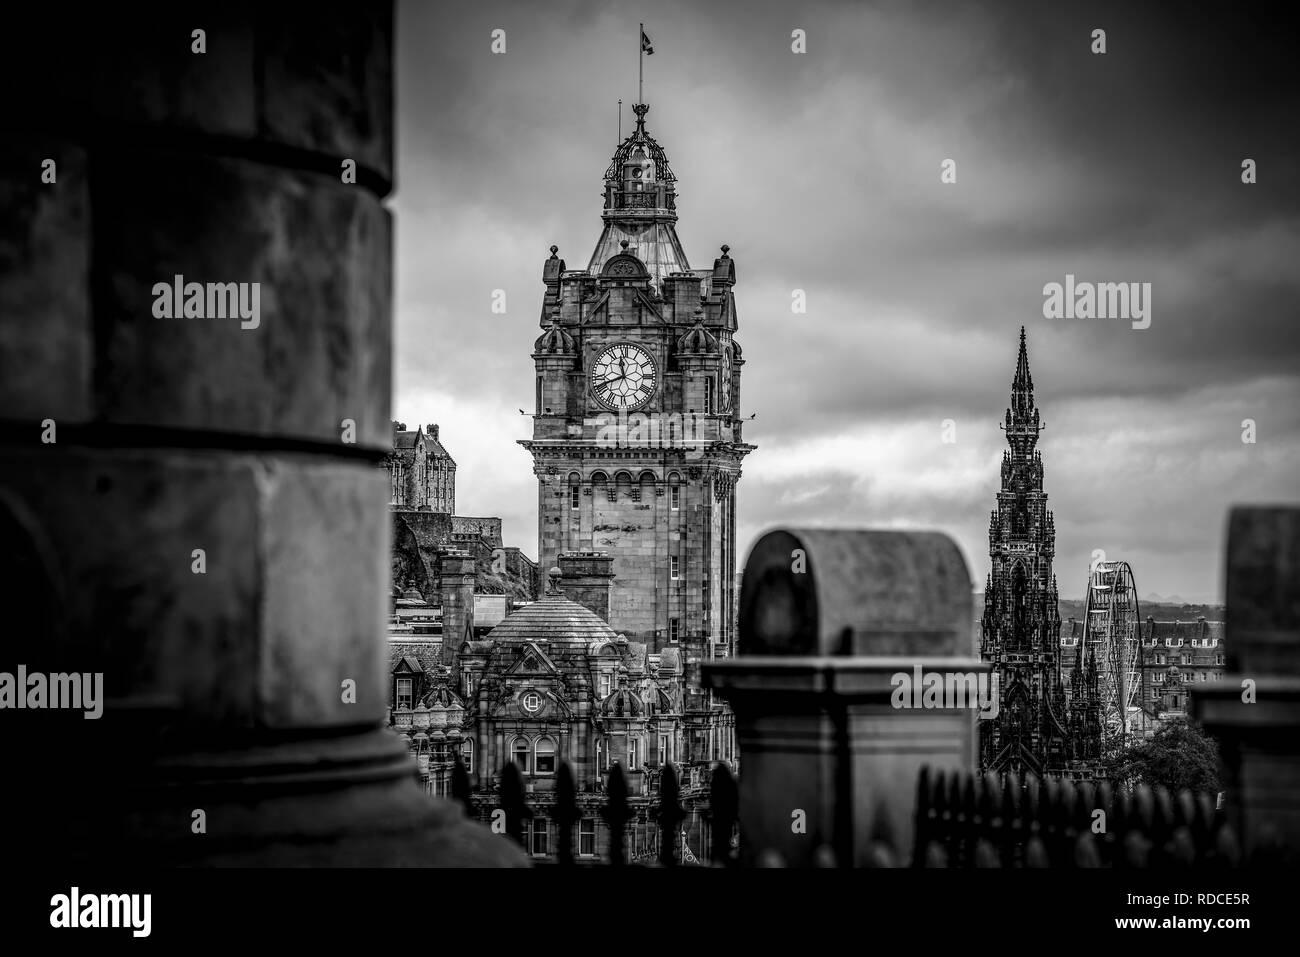 Europa, Großbritannien, Schottland, Edinburgh, Aussichtspunkt, Calton Hill, Hotel, Balmoral, Turm - Stock Image